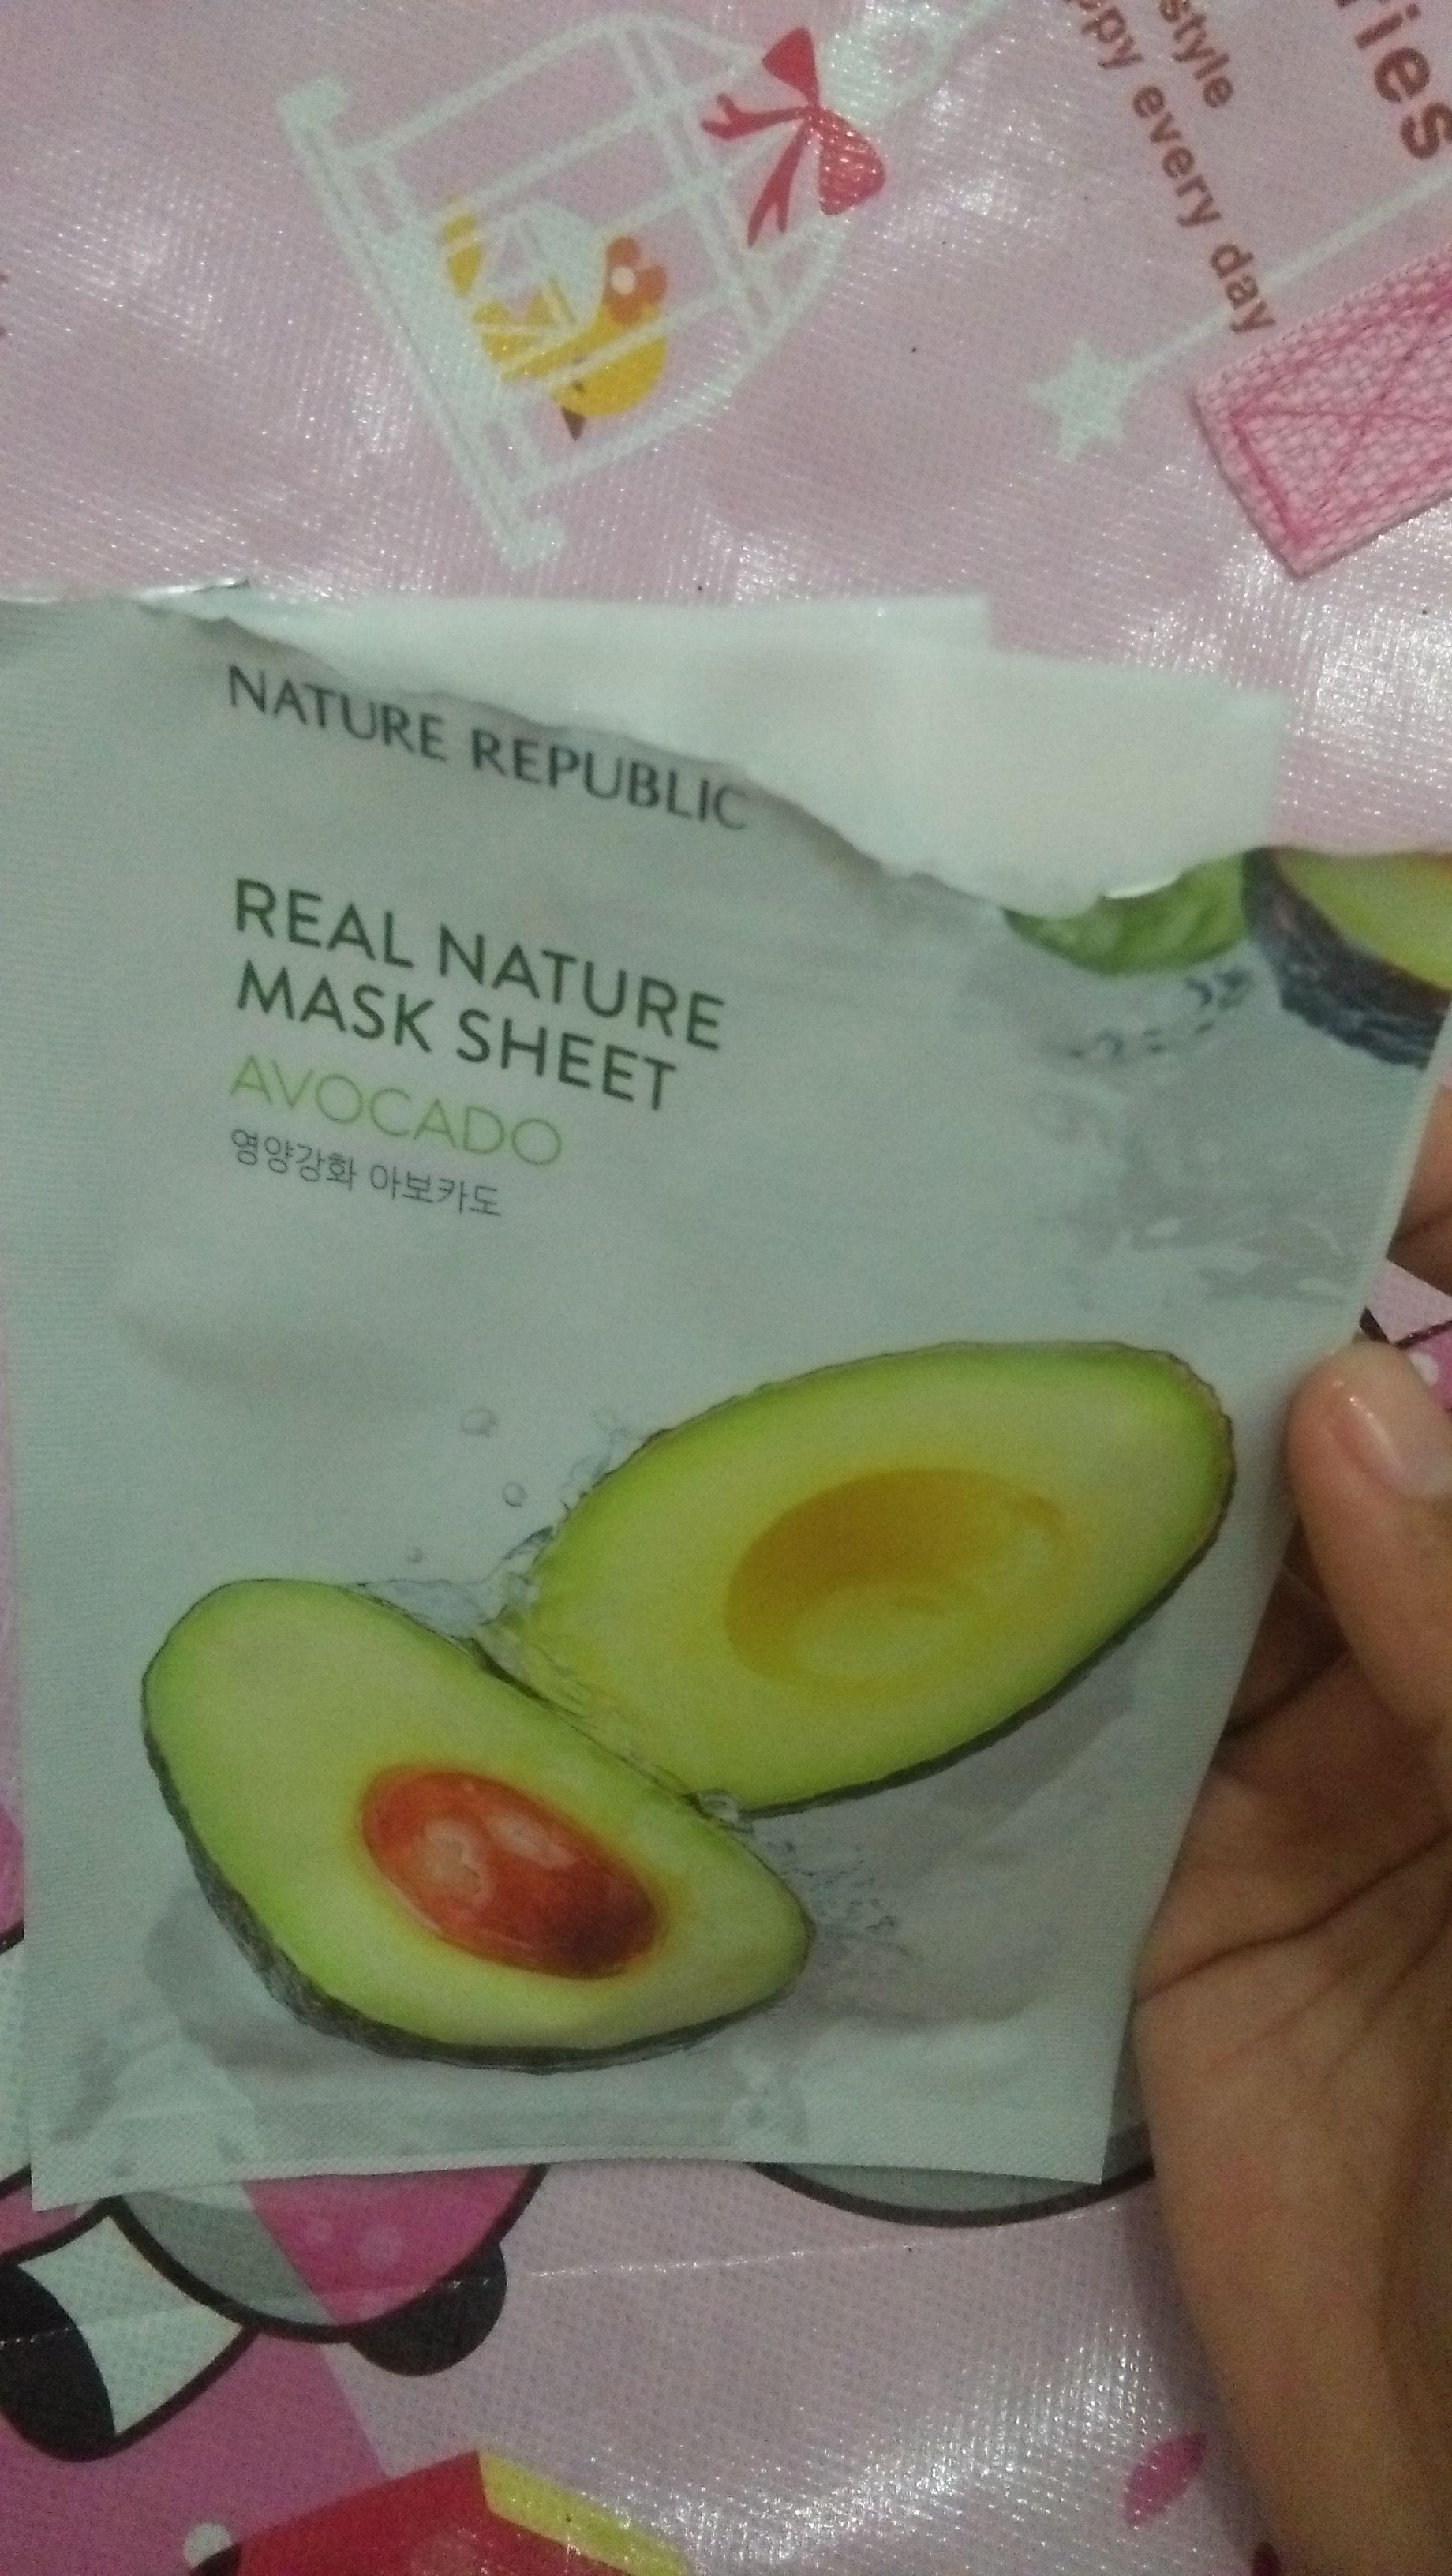 gambar review ke-2 untuk Nature Republic Mask